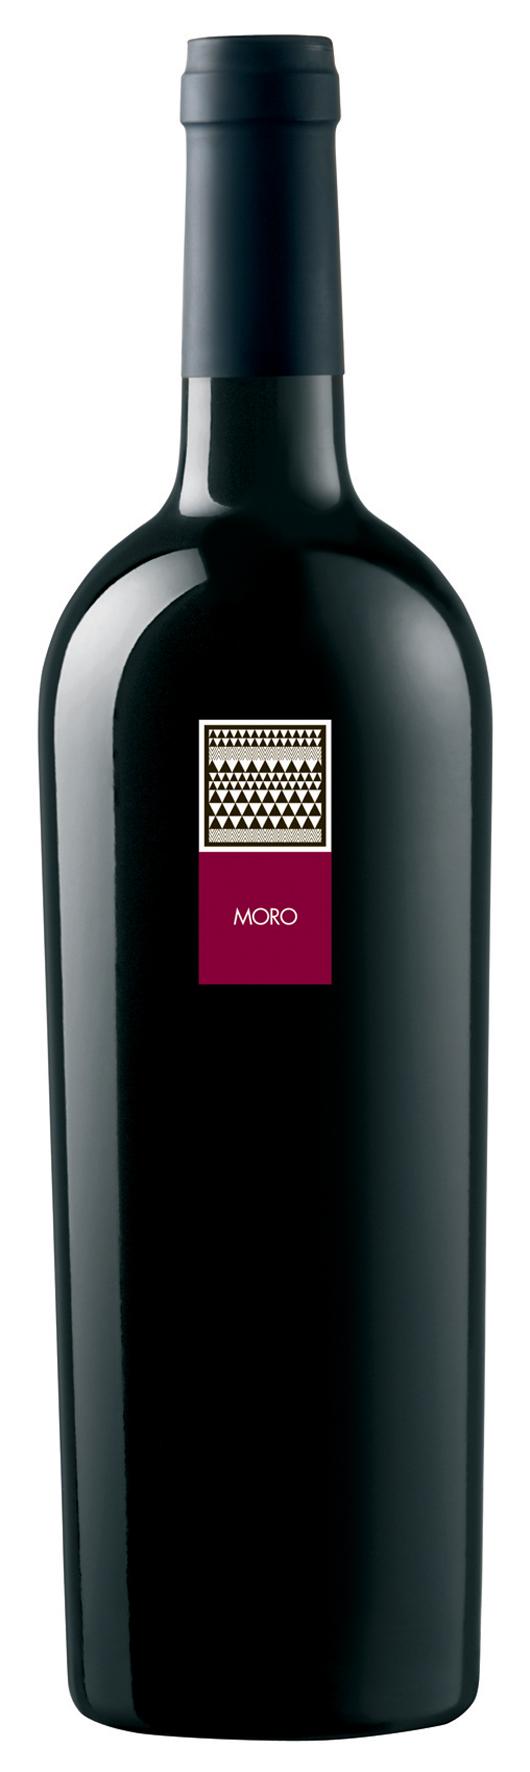 2015 Moro - Rosso Cannonau di Sardegna DOC MESA